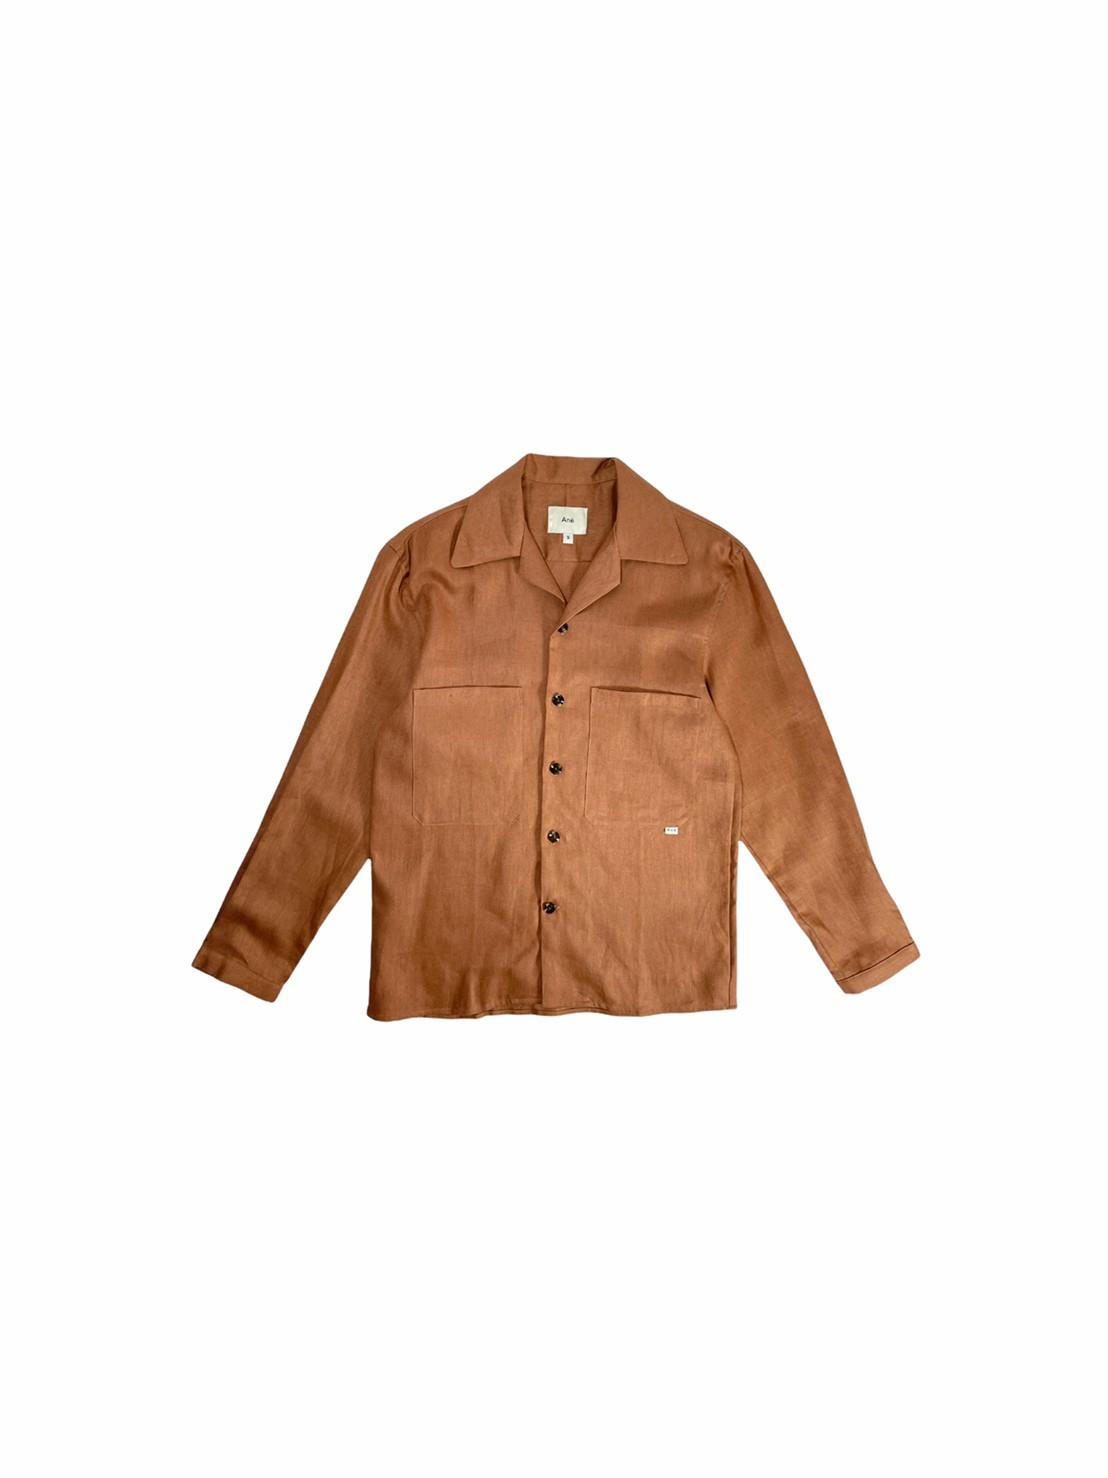 Ane Camp collar shirt (Terracotta linen)